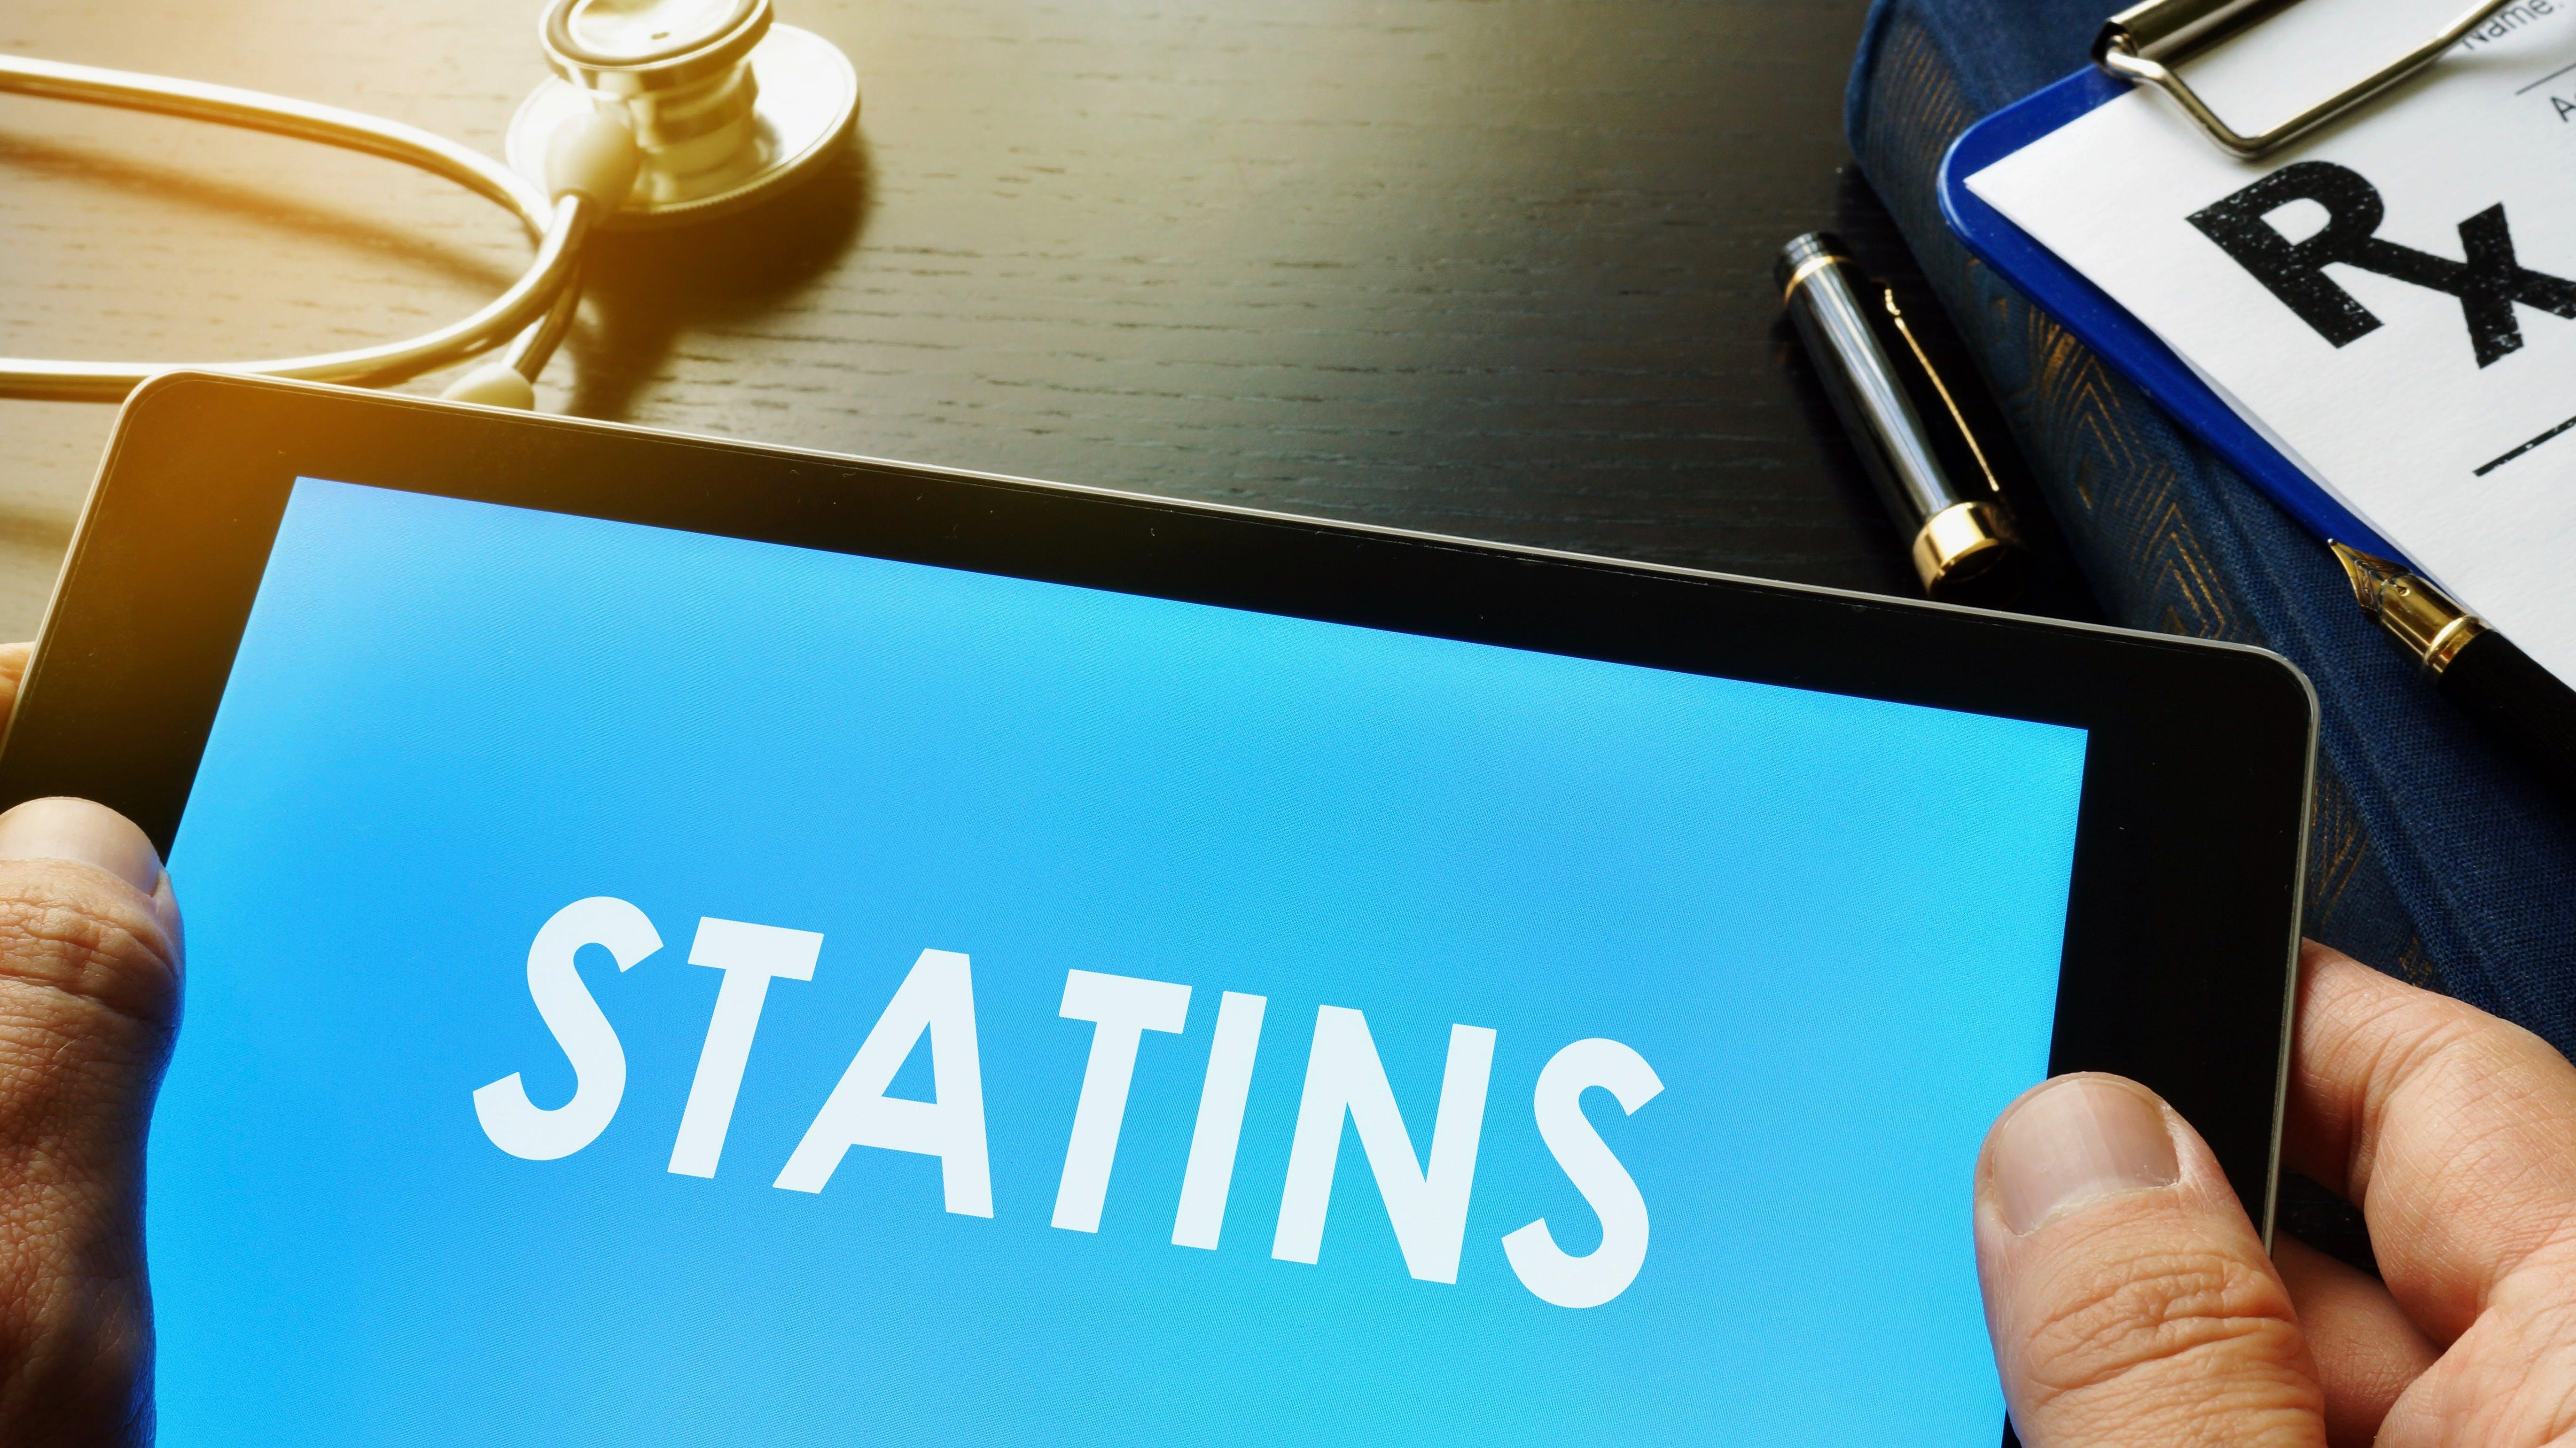 Diabetes provocada por la insulina: ¿cuál es el alcance del problema?